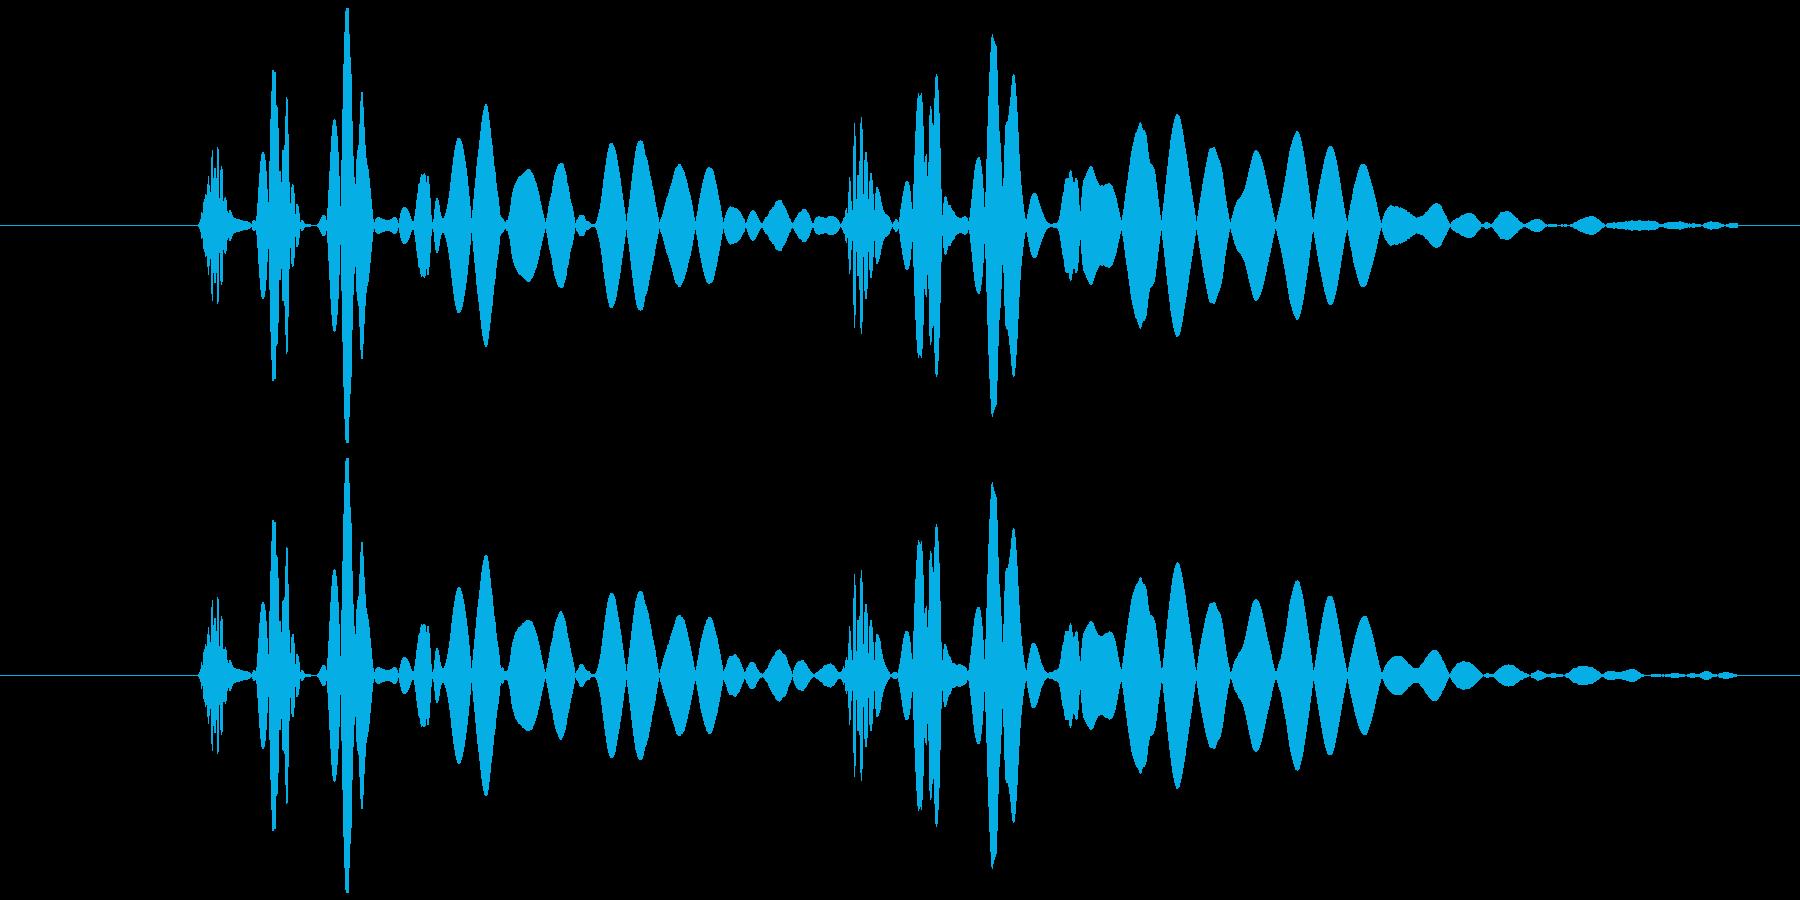 心臓 鼓動 単音の再生済みの波形